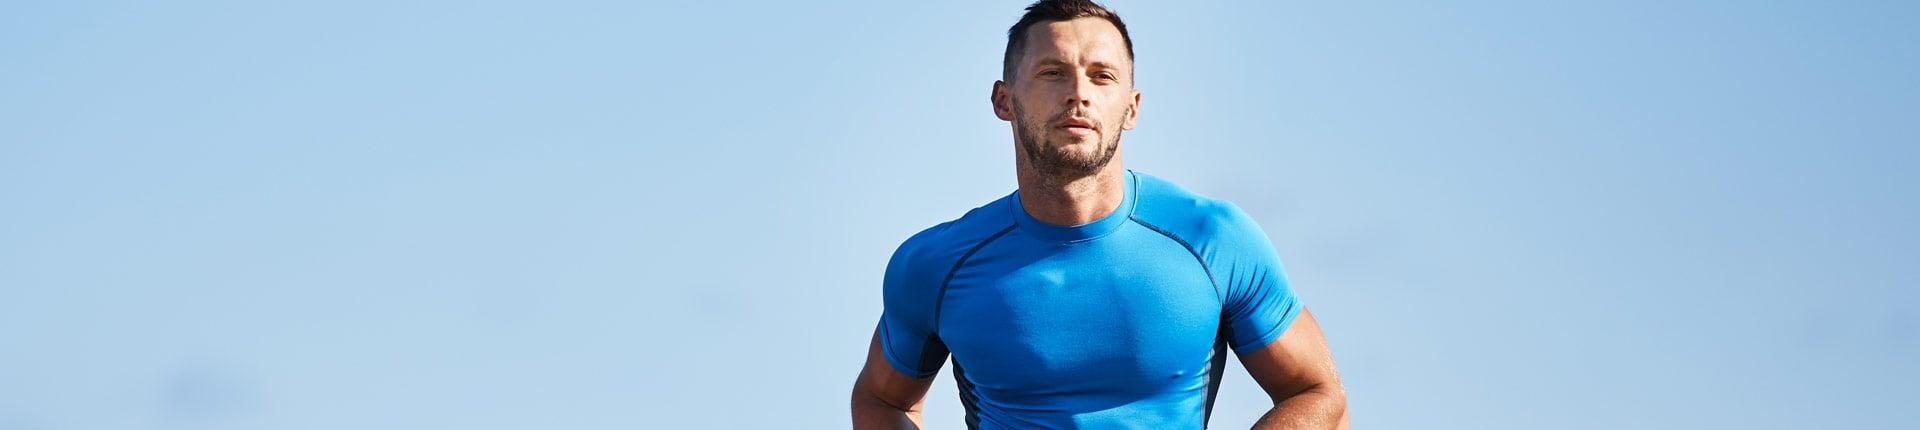 Siłownia i bieganie. Czy biegacze powinni trenować na siłowni?